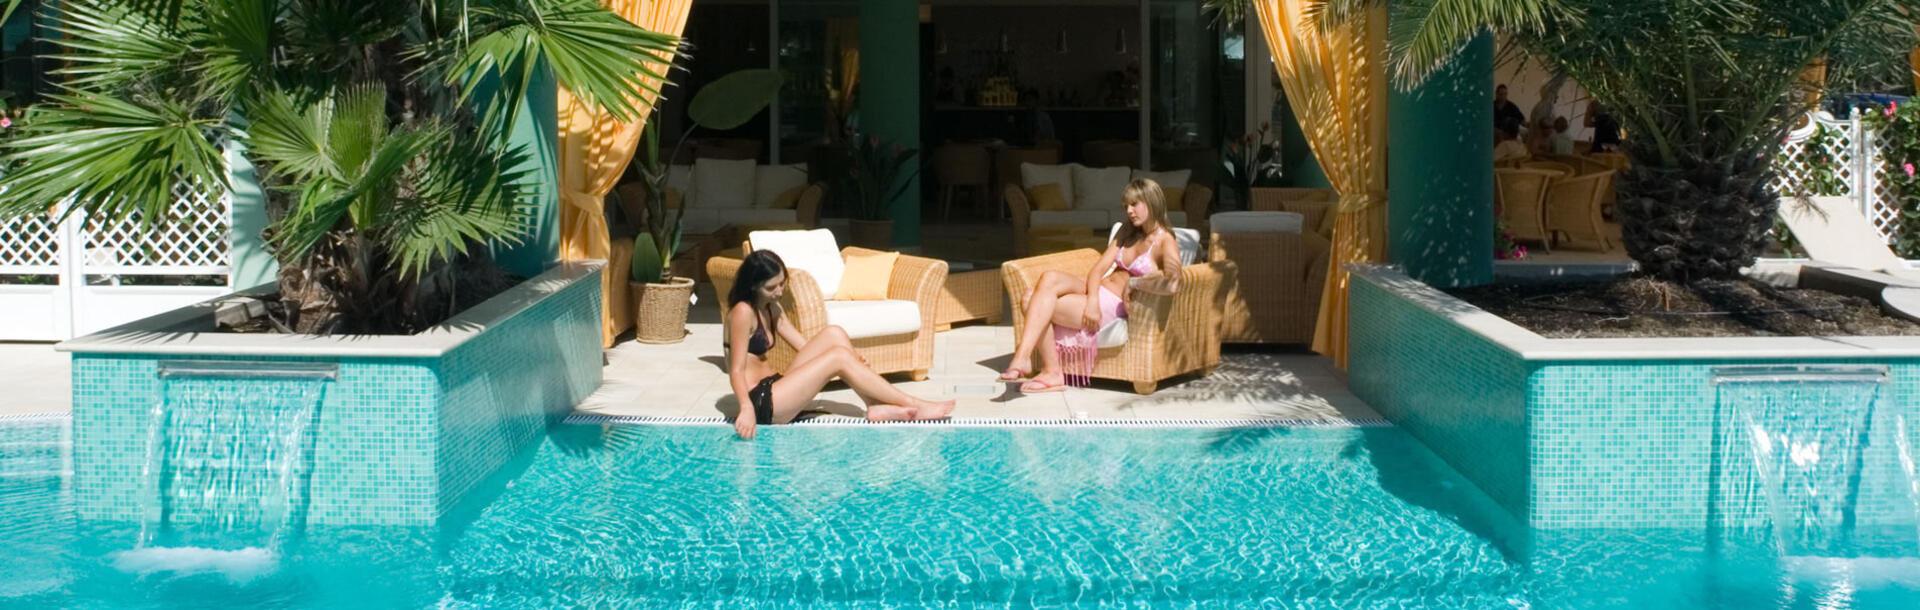 hotel-montecarlo de socialgallery 014